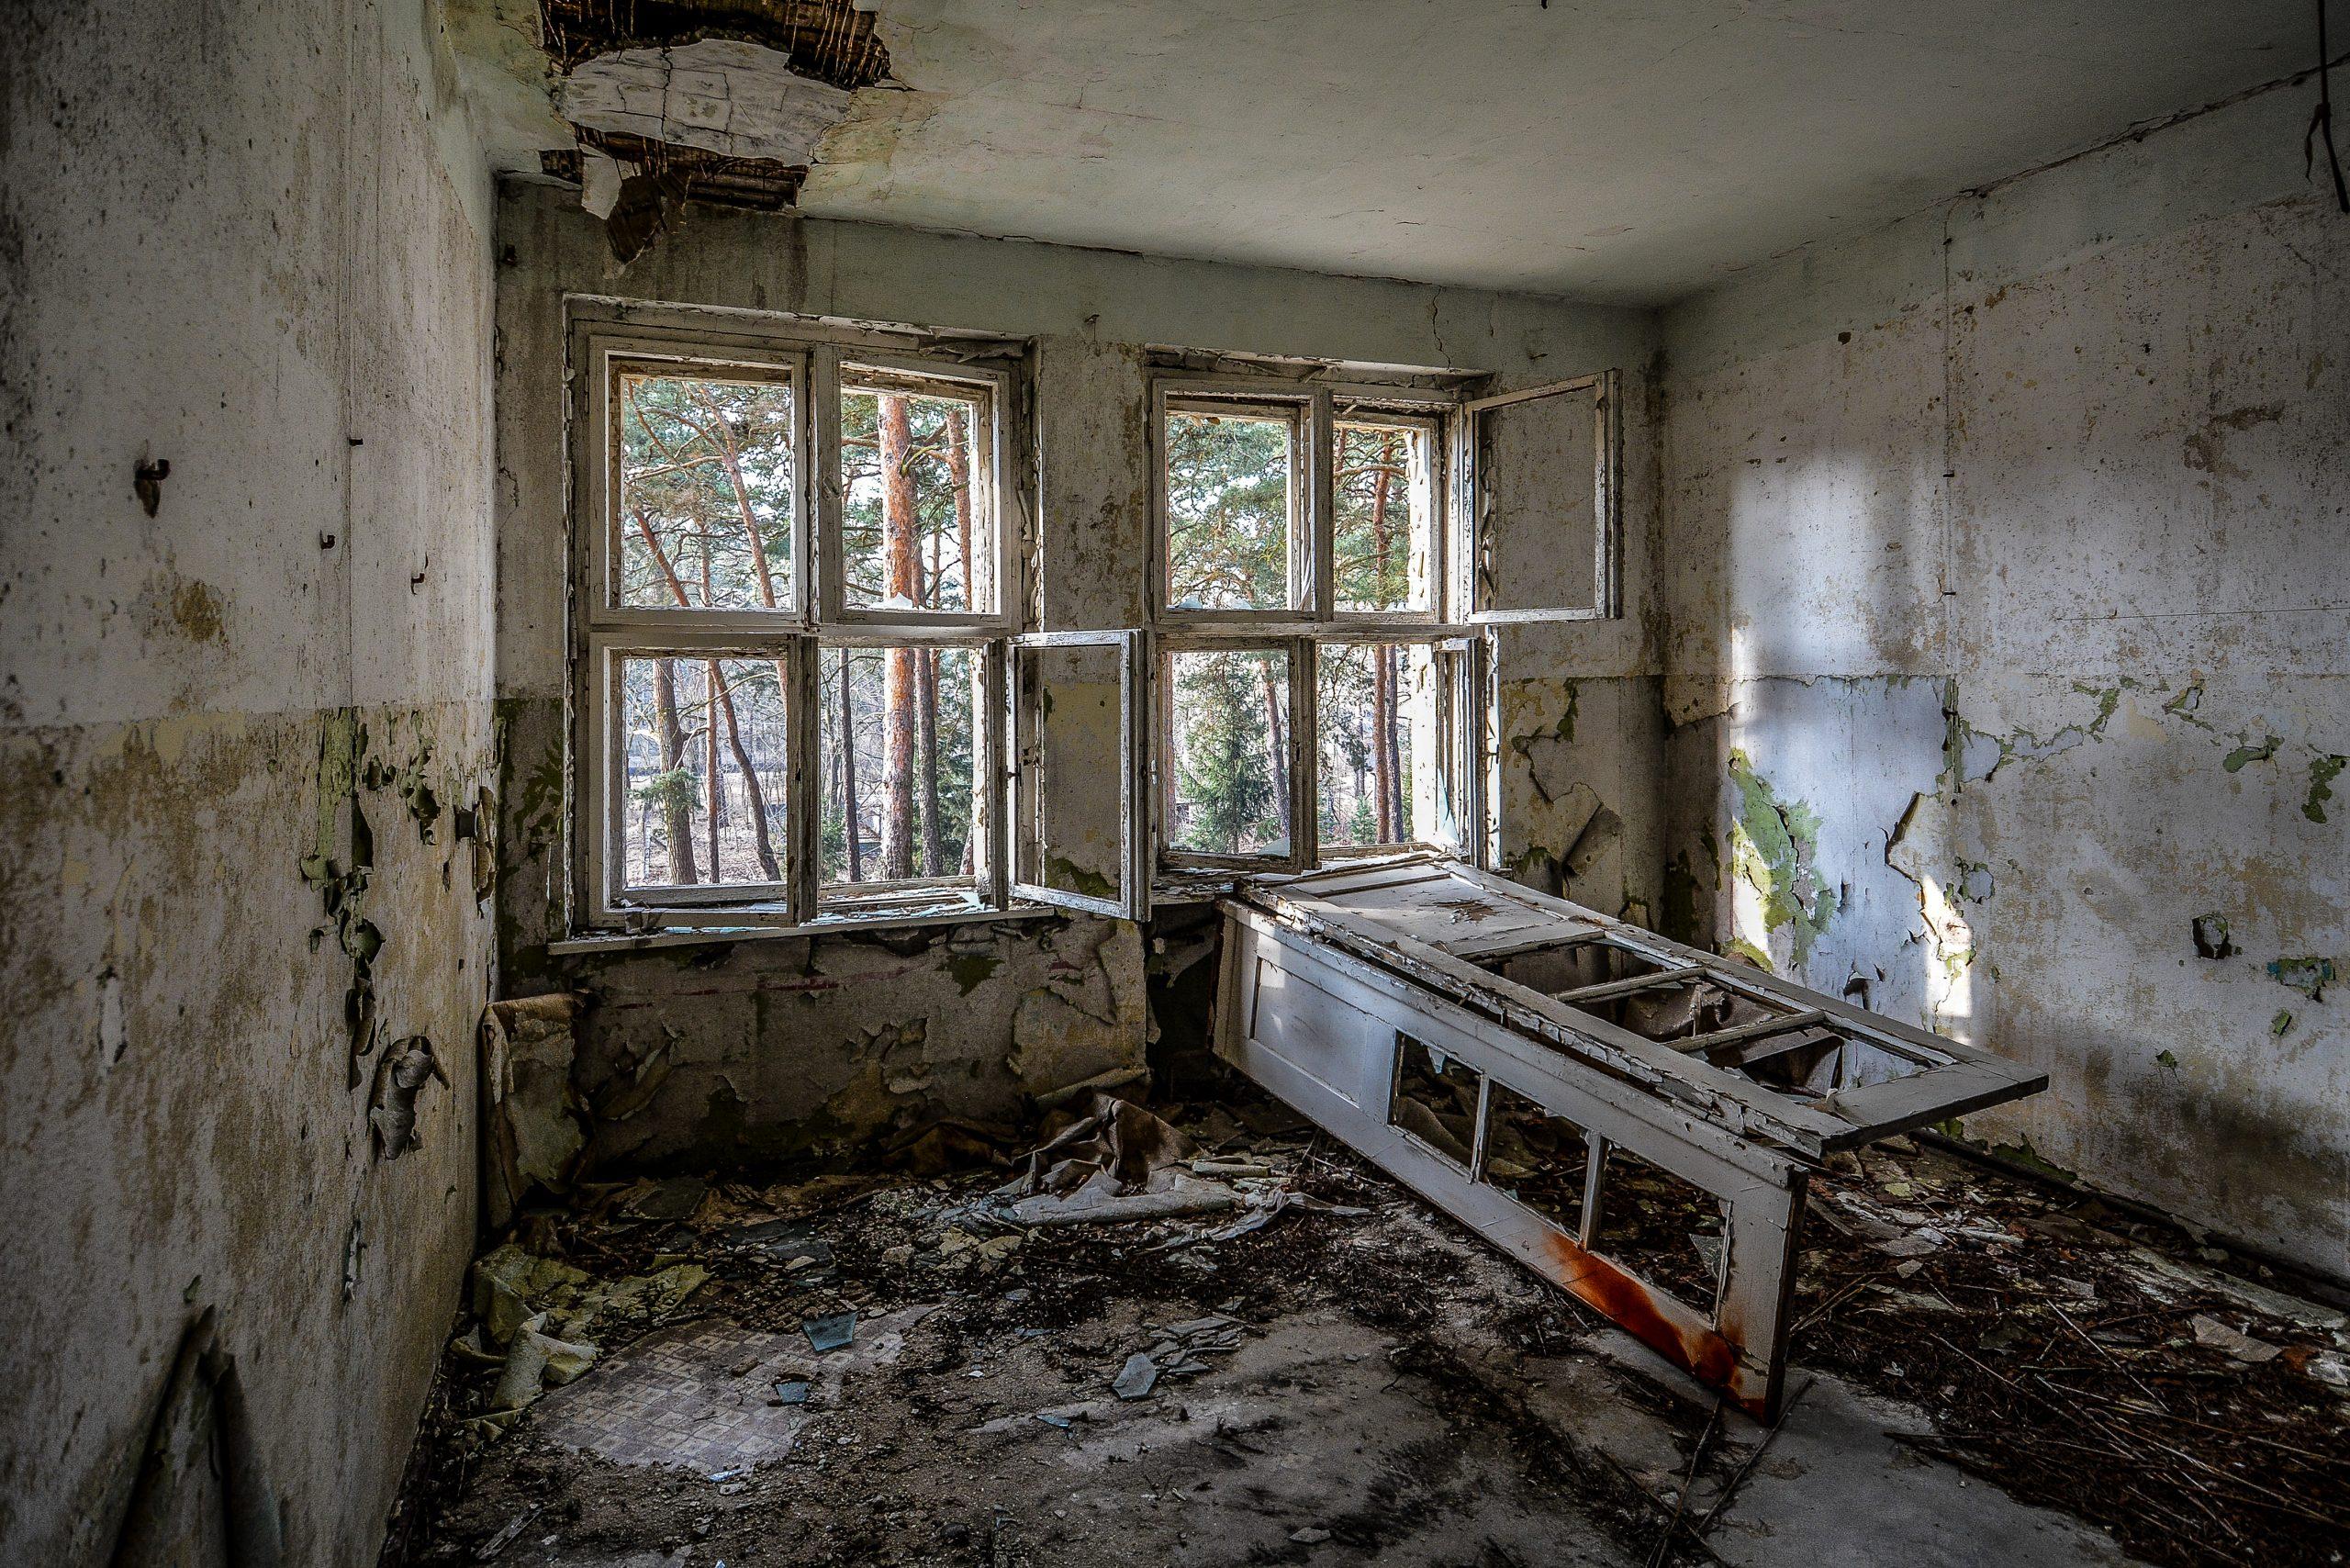 theather room forst zinna adolf hitler lager luckenwalde juterbog sowjet kaserne soviet military barracks germany lost places urbex abandoned